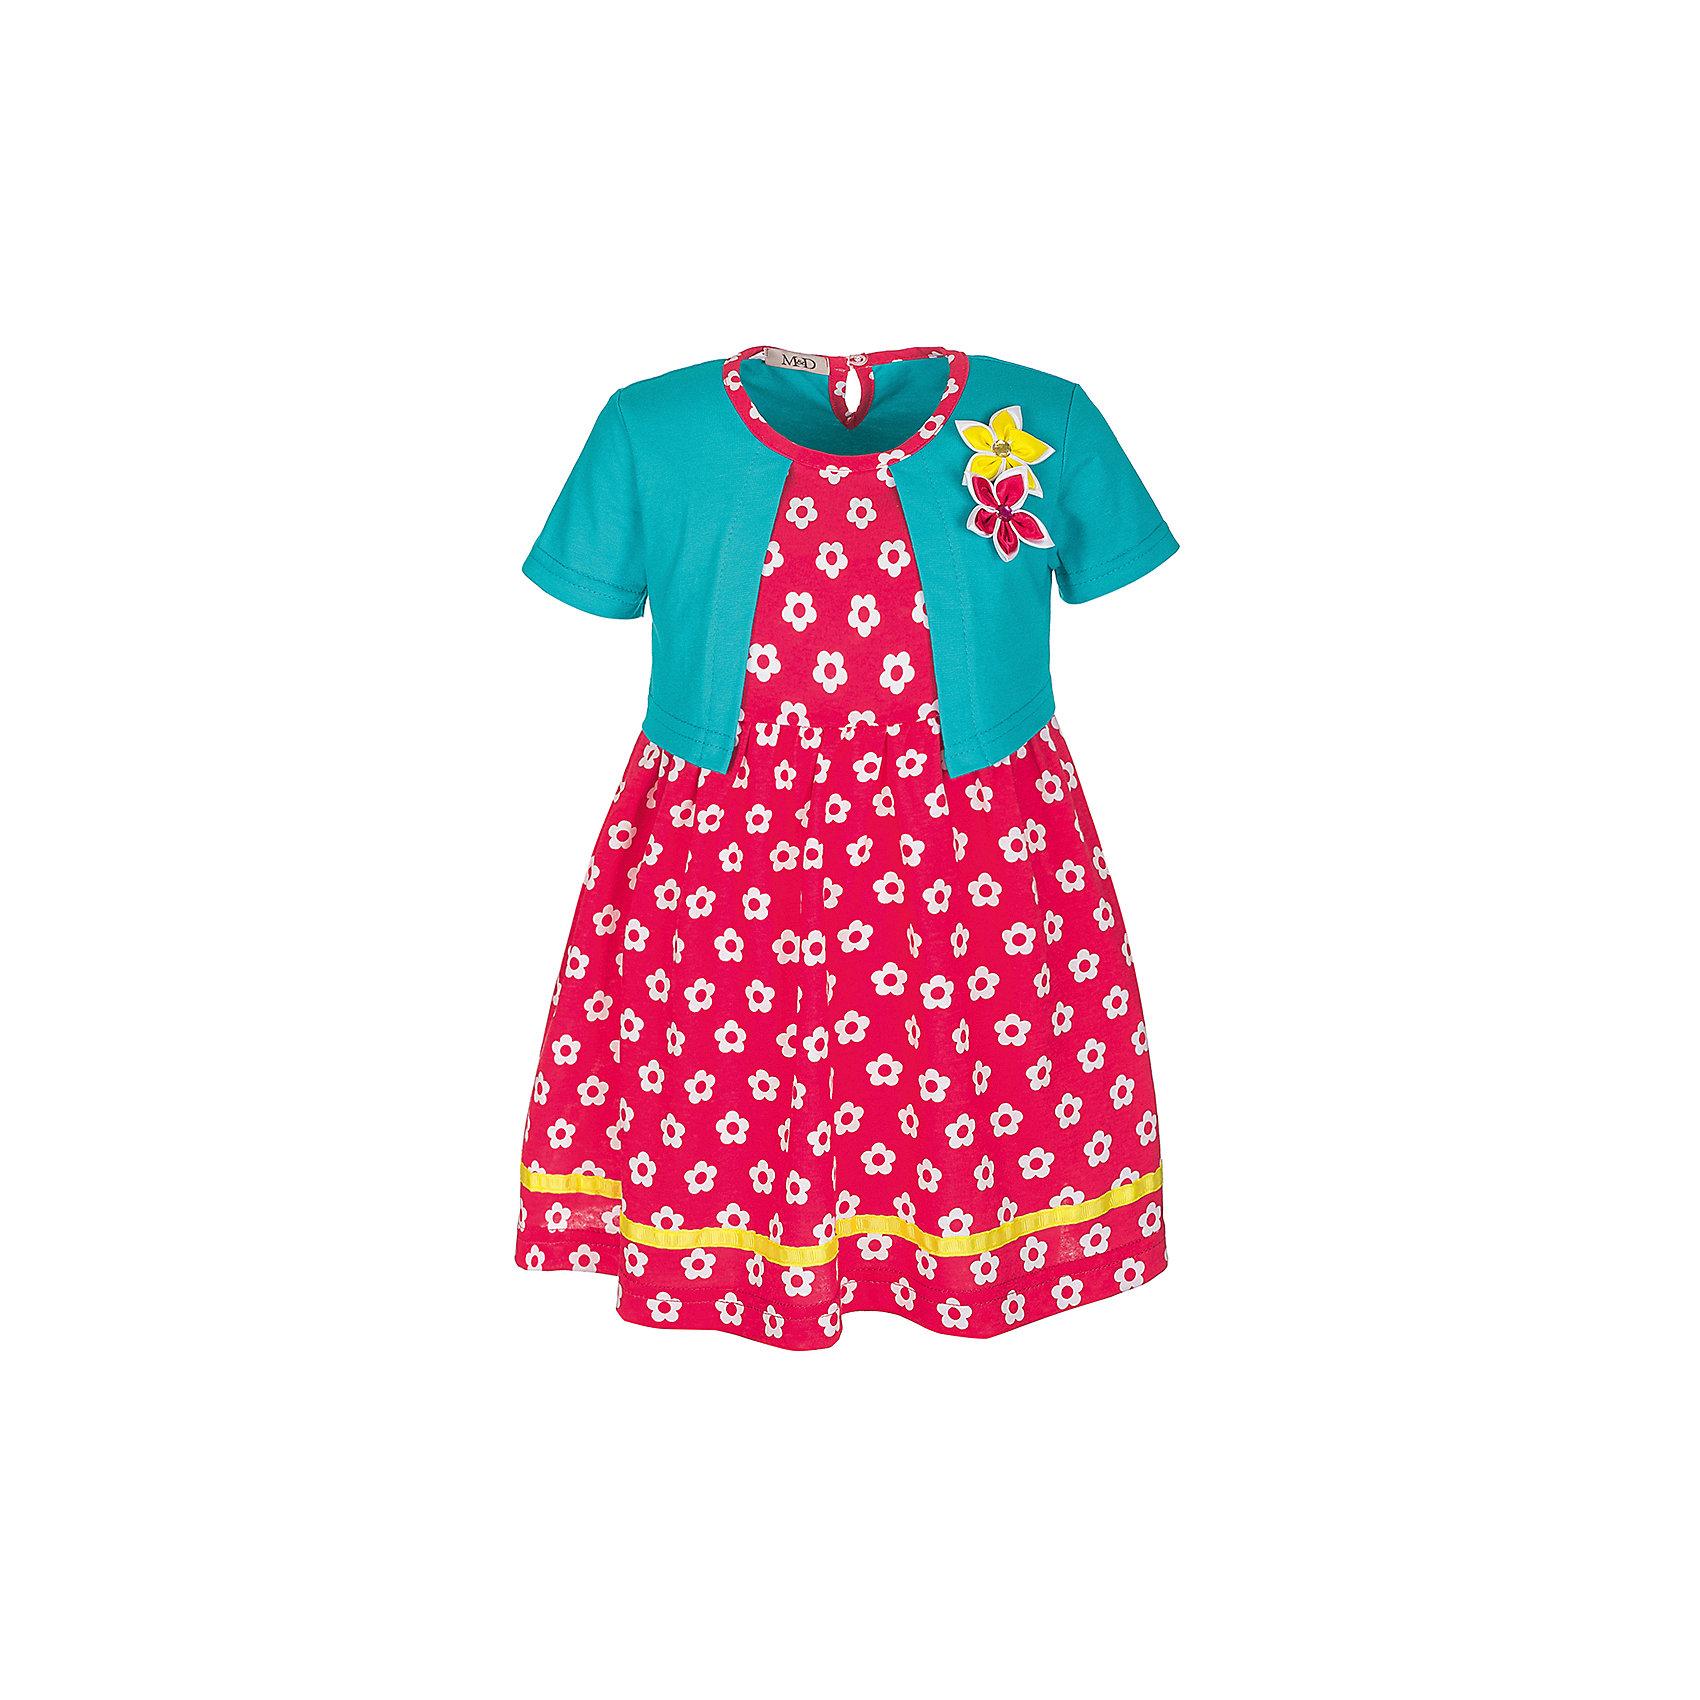 Платье M&amp;D для девочкиПлатья и сарафаны<br>Платье для девочки с болеро, декорированное цветами.<br>Короткий рукав,застежка на пуговицы, сборка по талии.<br>-соответствует размеру.<br>Рекомендуется предварительная стирка.<br><br><br>Состав:<br>100% хлопок<br><br>Ширина мм: 236<br>Глубина мм: 16<br>Высота мм: 184<br>Вес г: 177<br>Цвет: голубой<br>Возраст от месяцев: 24<br>Возраст до месяцев: 36<br>Пол: Женский<br>Возраст: Детский<br>Размер: 98,104,110,116,122,128<br>SKU: 7012455